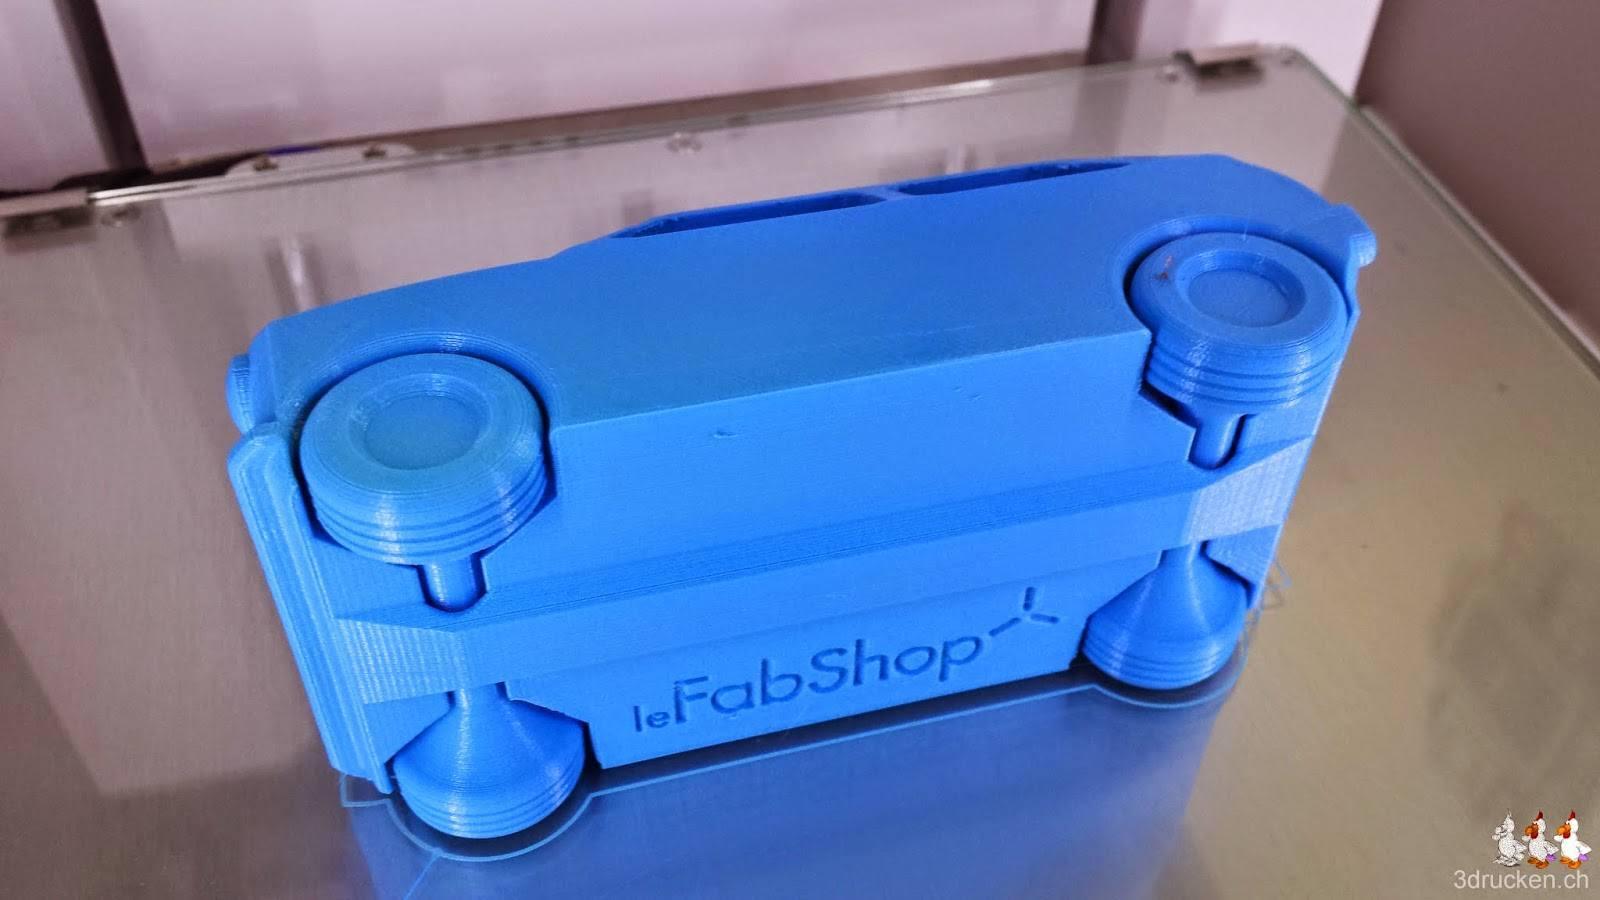 Foto des fertig gedruckten Spielzeugautos von leFabShop auf dem Drucktisch des Ultimaker 2